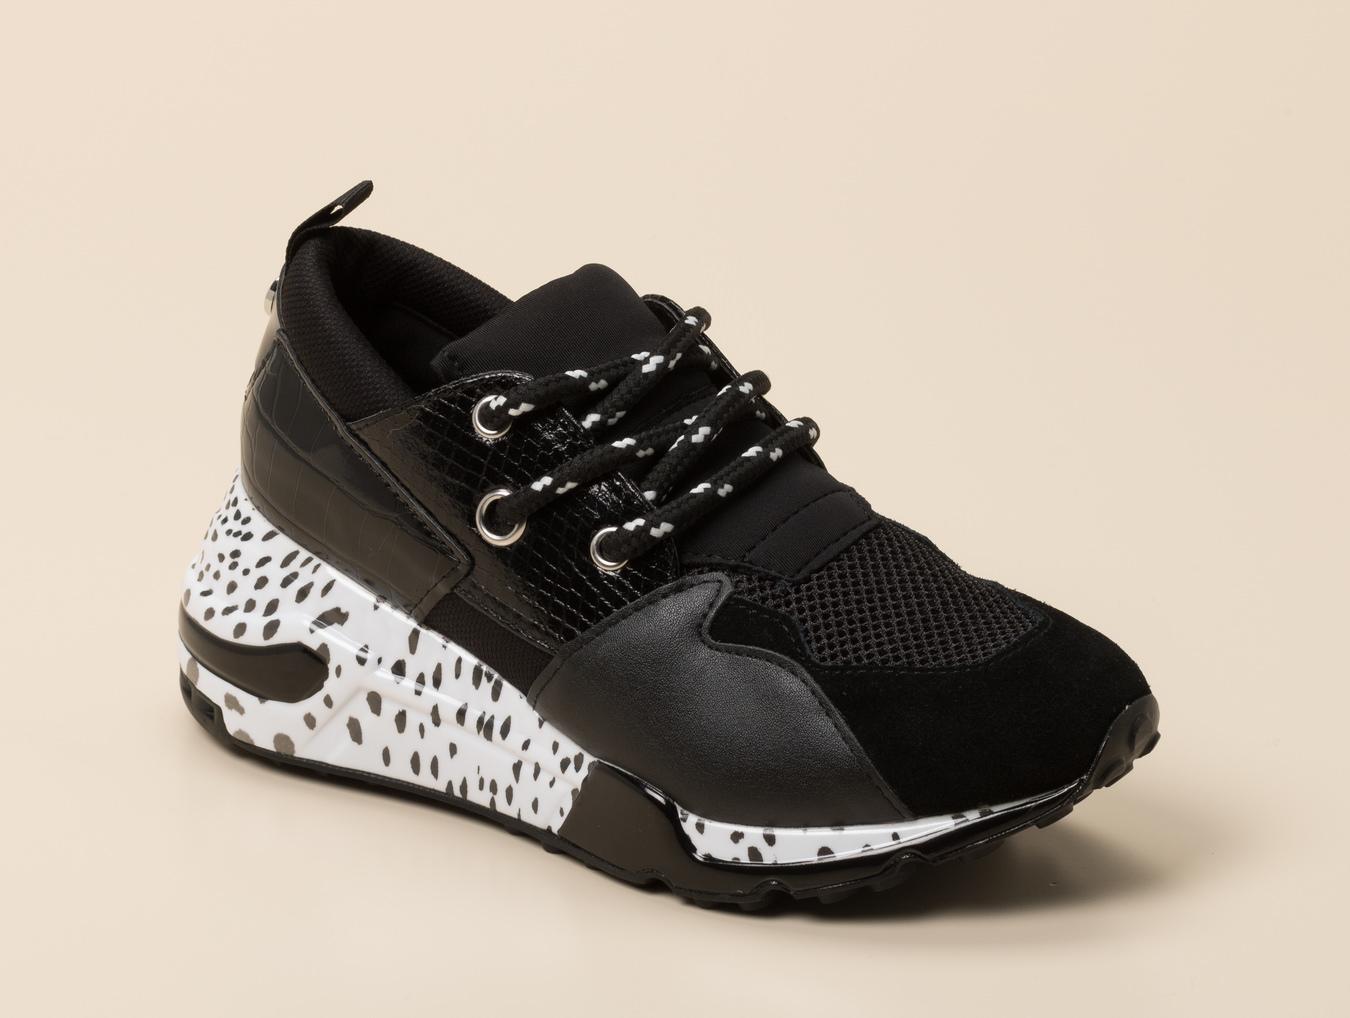 Steve Madden Damen Sneaker in schwarz kaufen | Zumnorde Online Shop